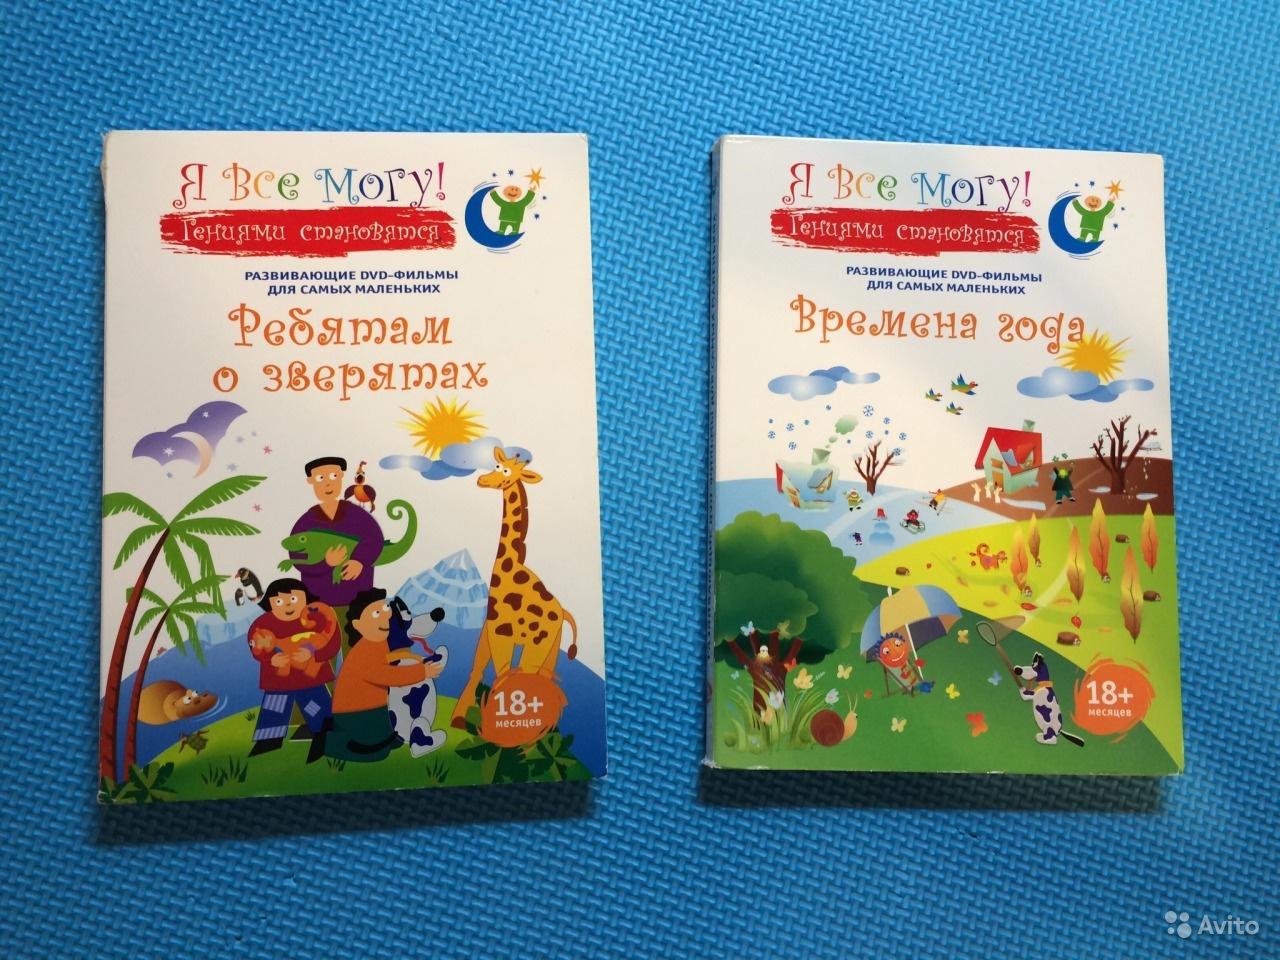 Мультик, предназначенный для детей от 3 месяцев до 3 лет